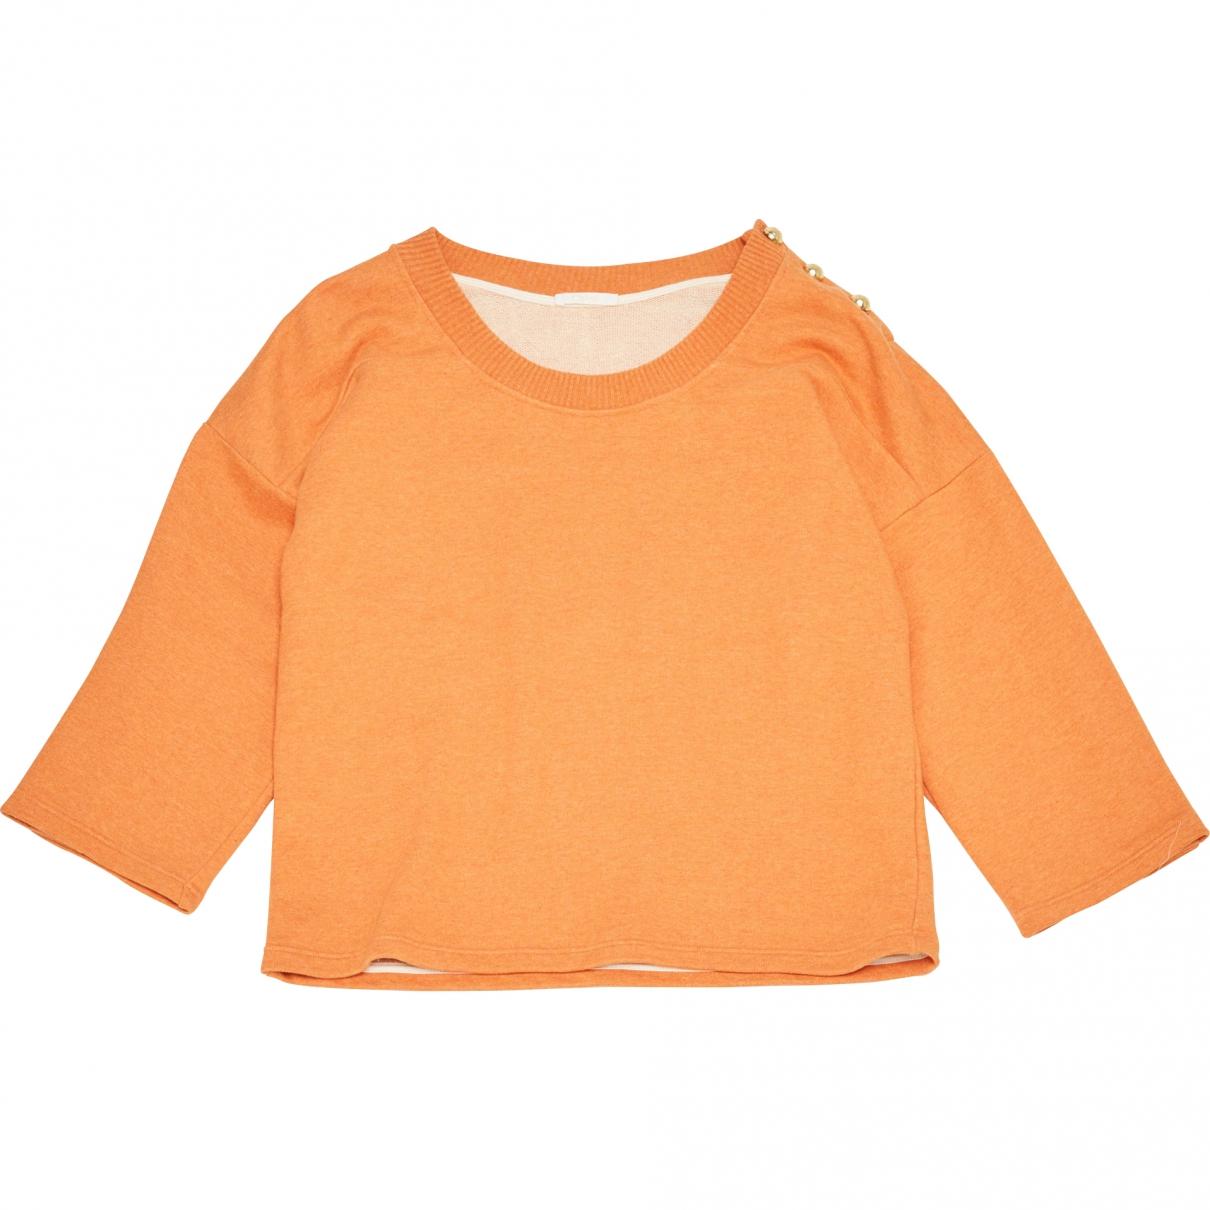 Chloé \N Orange Wool Knitwear for Women M International